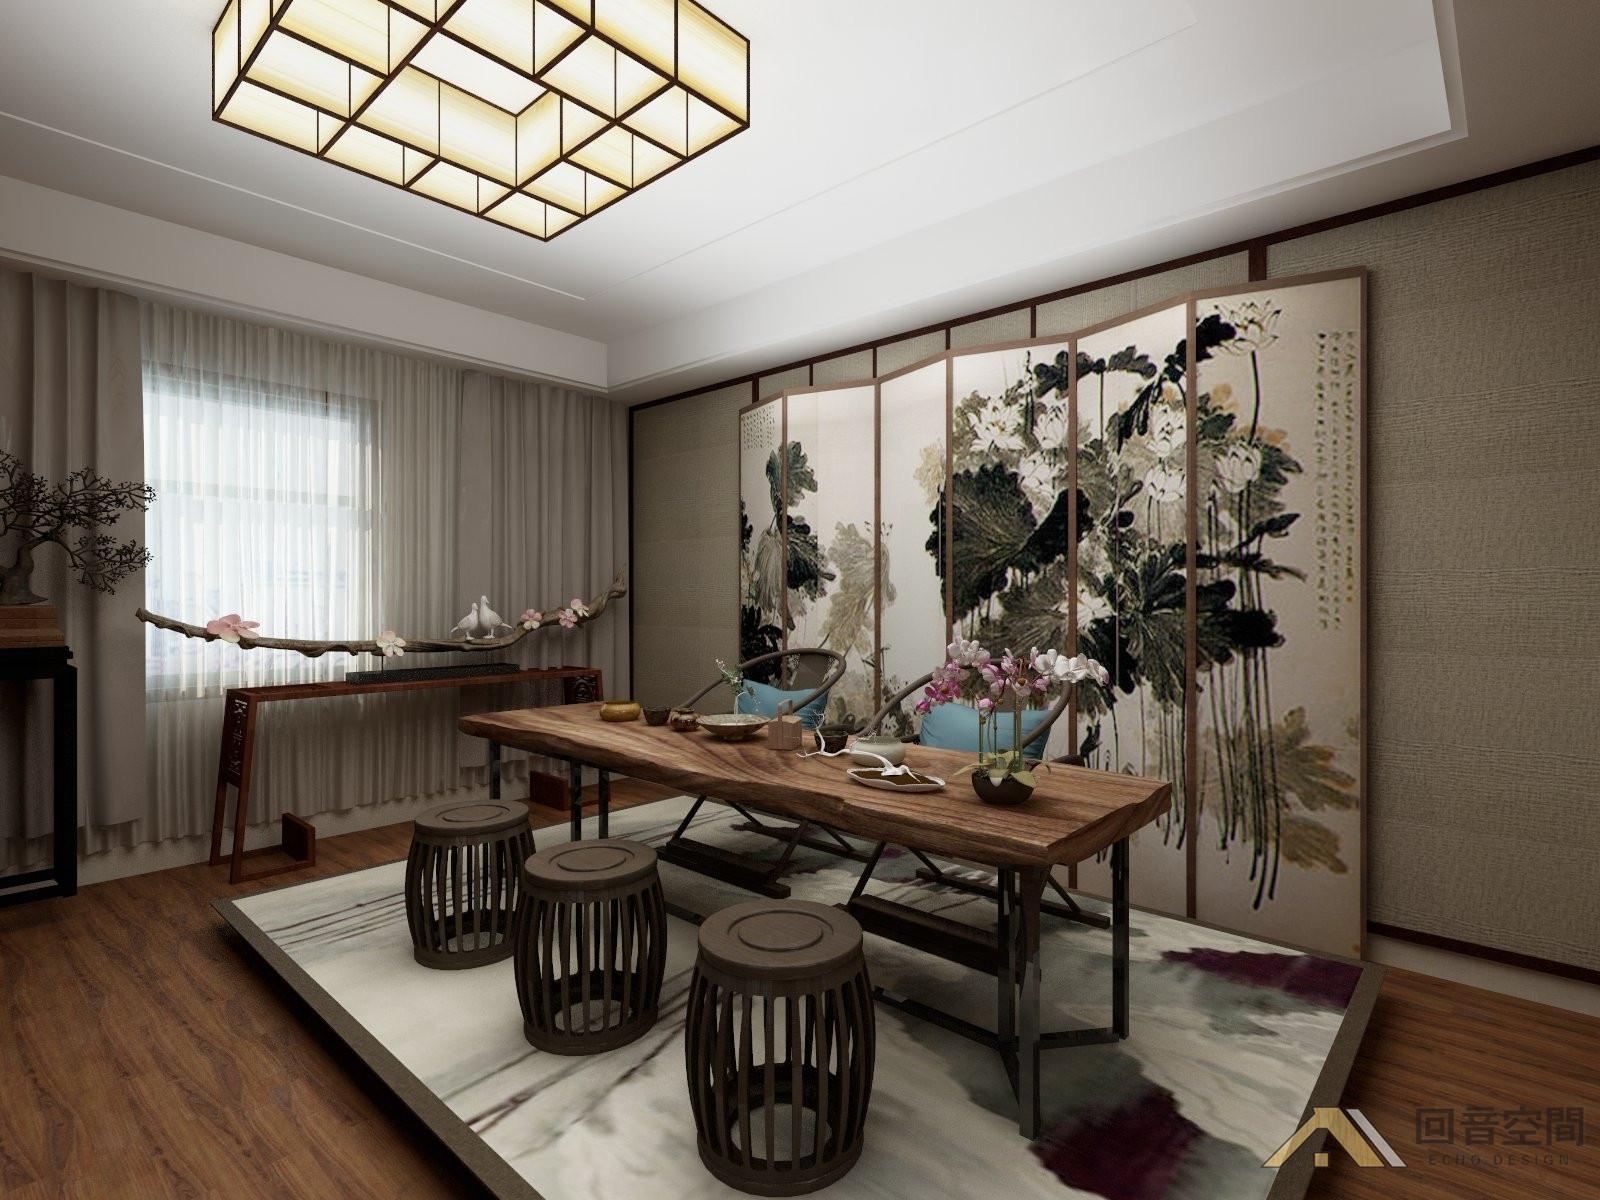 开放式空间与休闲区屏风家具需要,客厅写意装饰与木质茶室融合设计结合ue设计图片